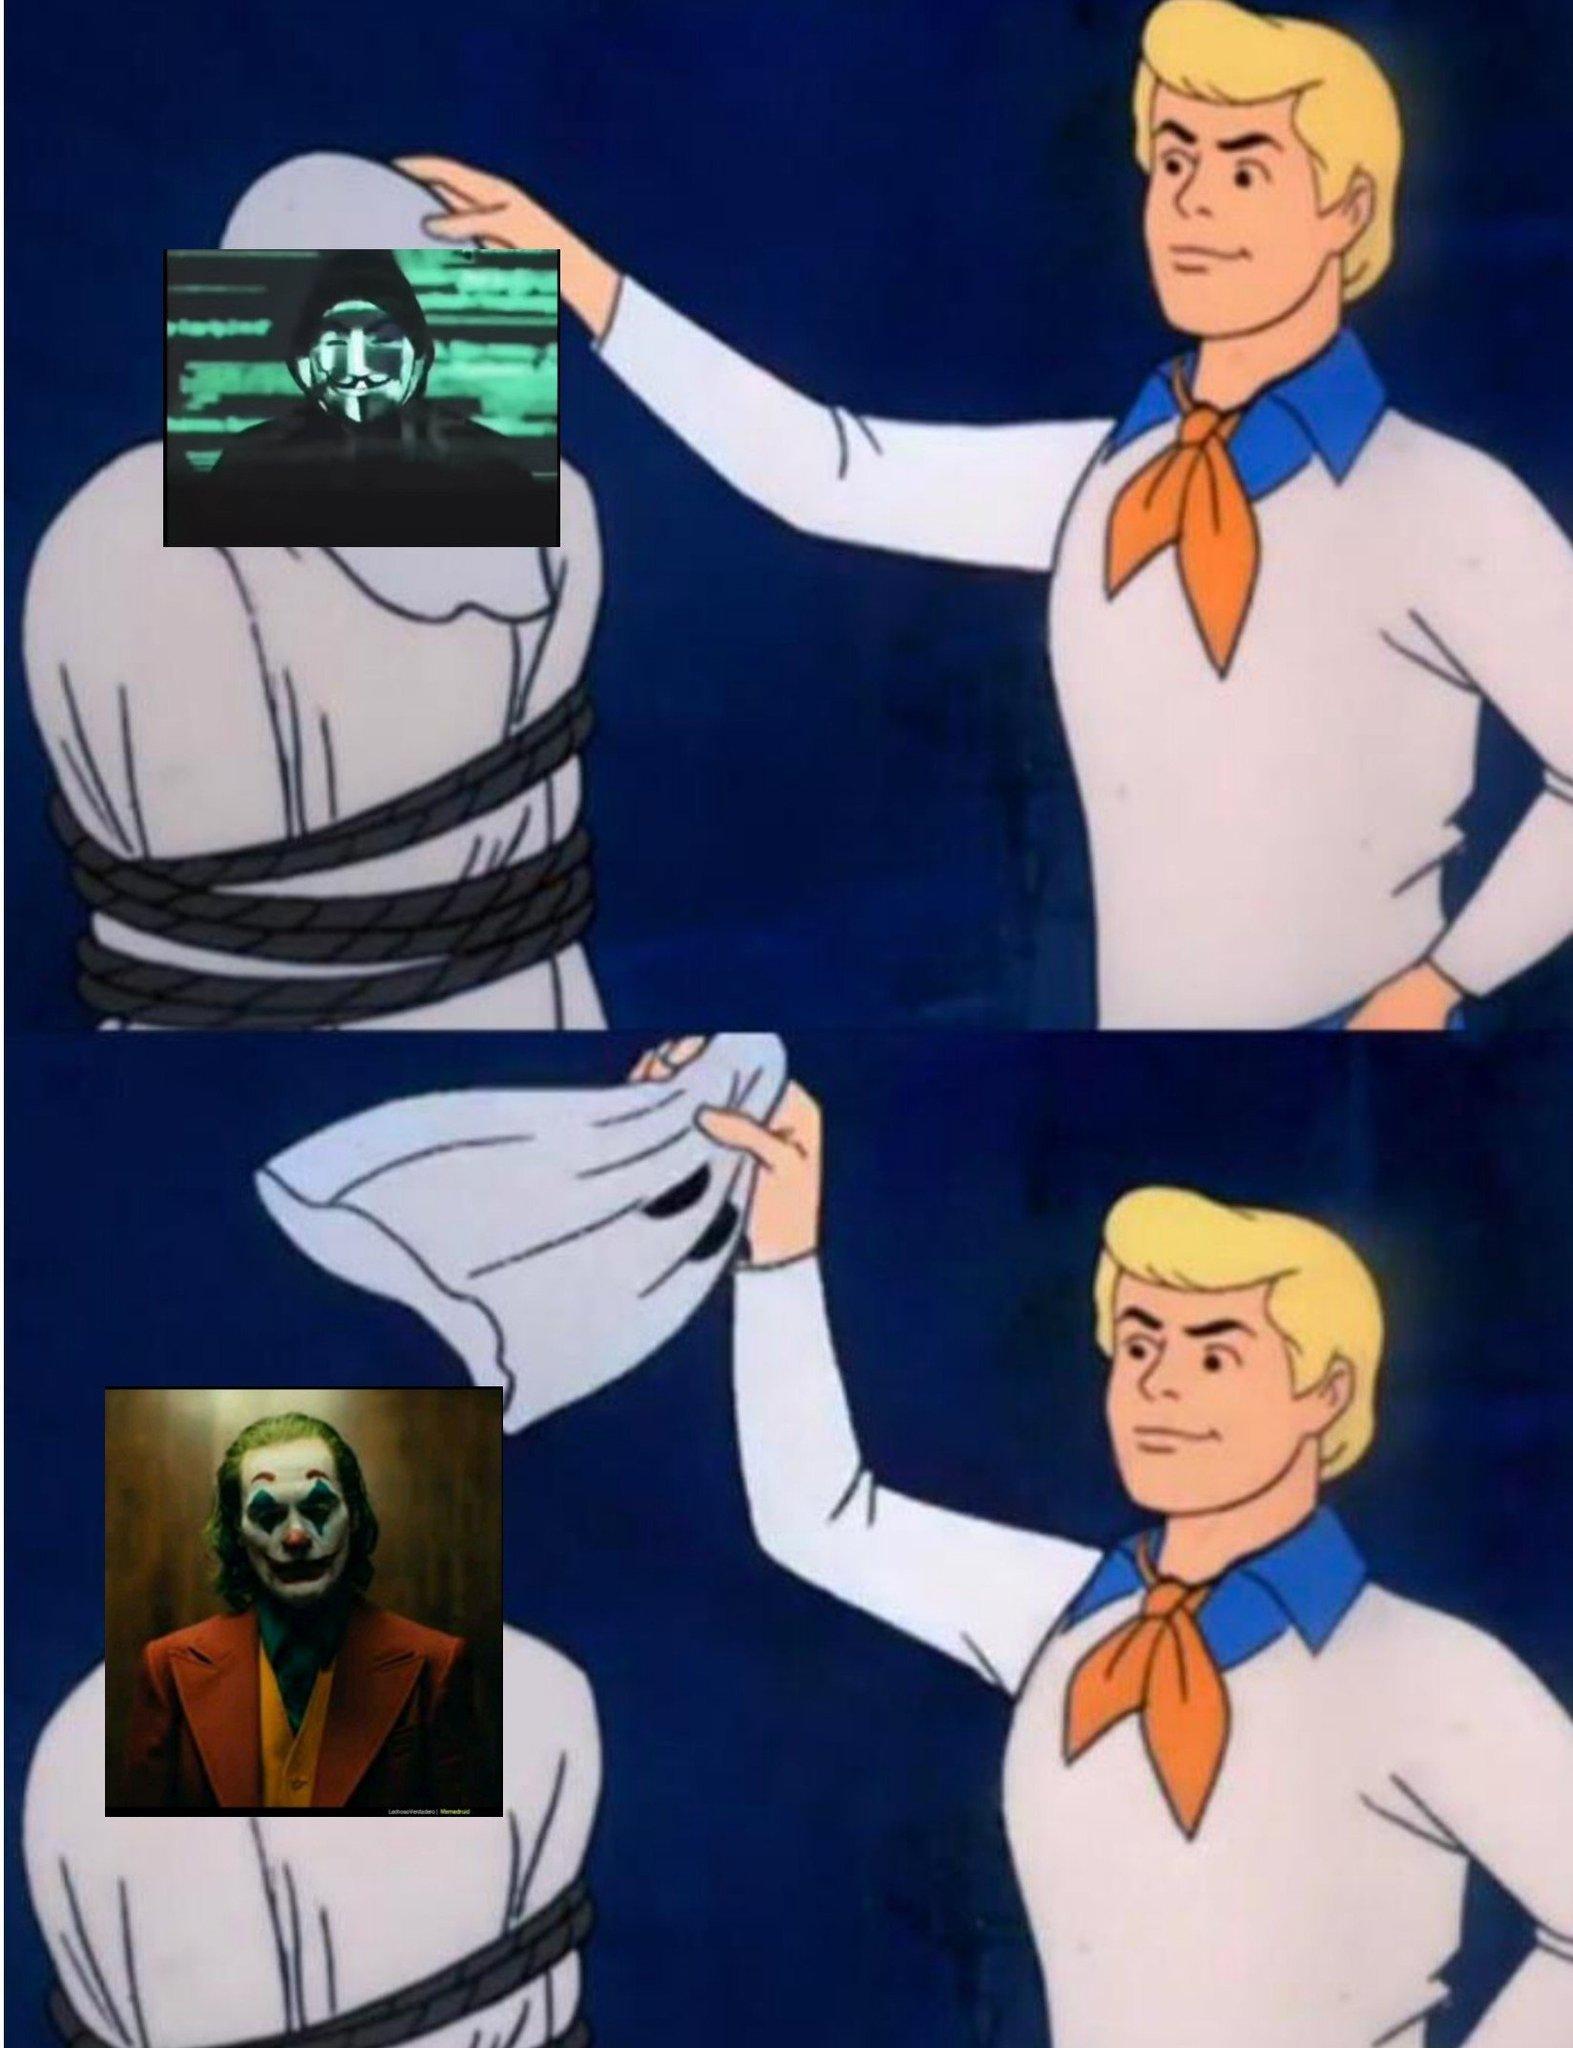 Es el mismo meme